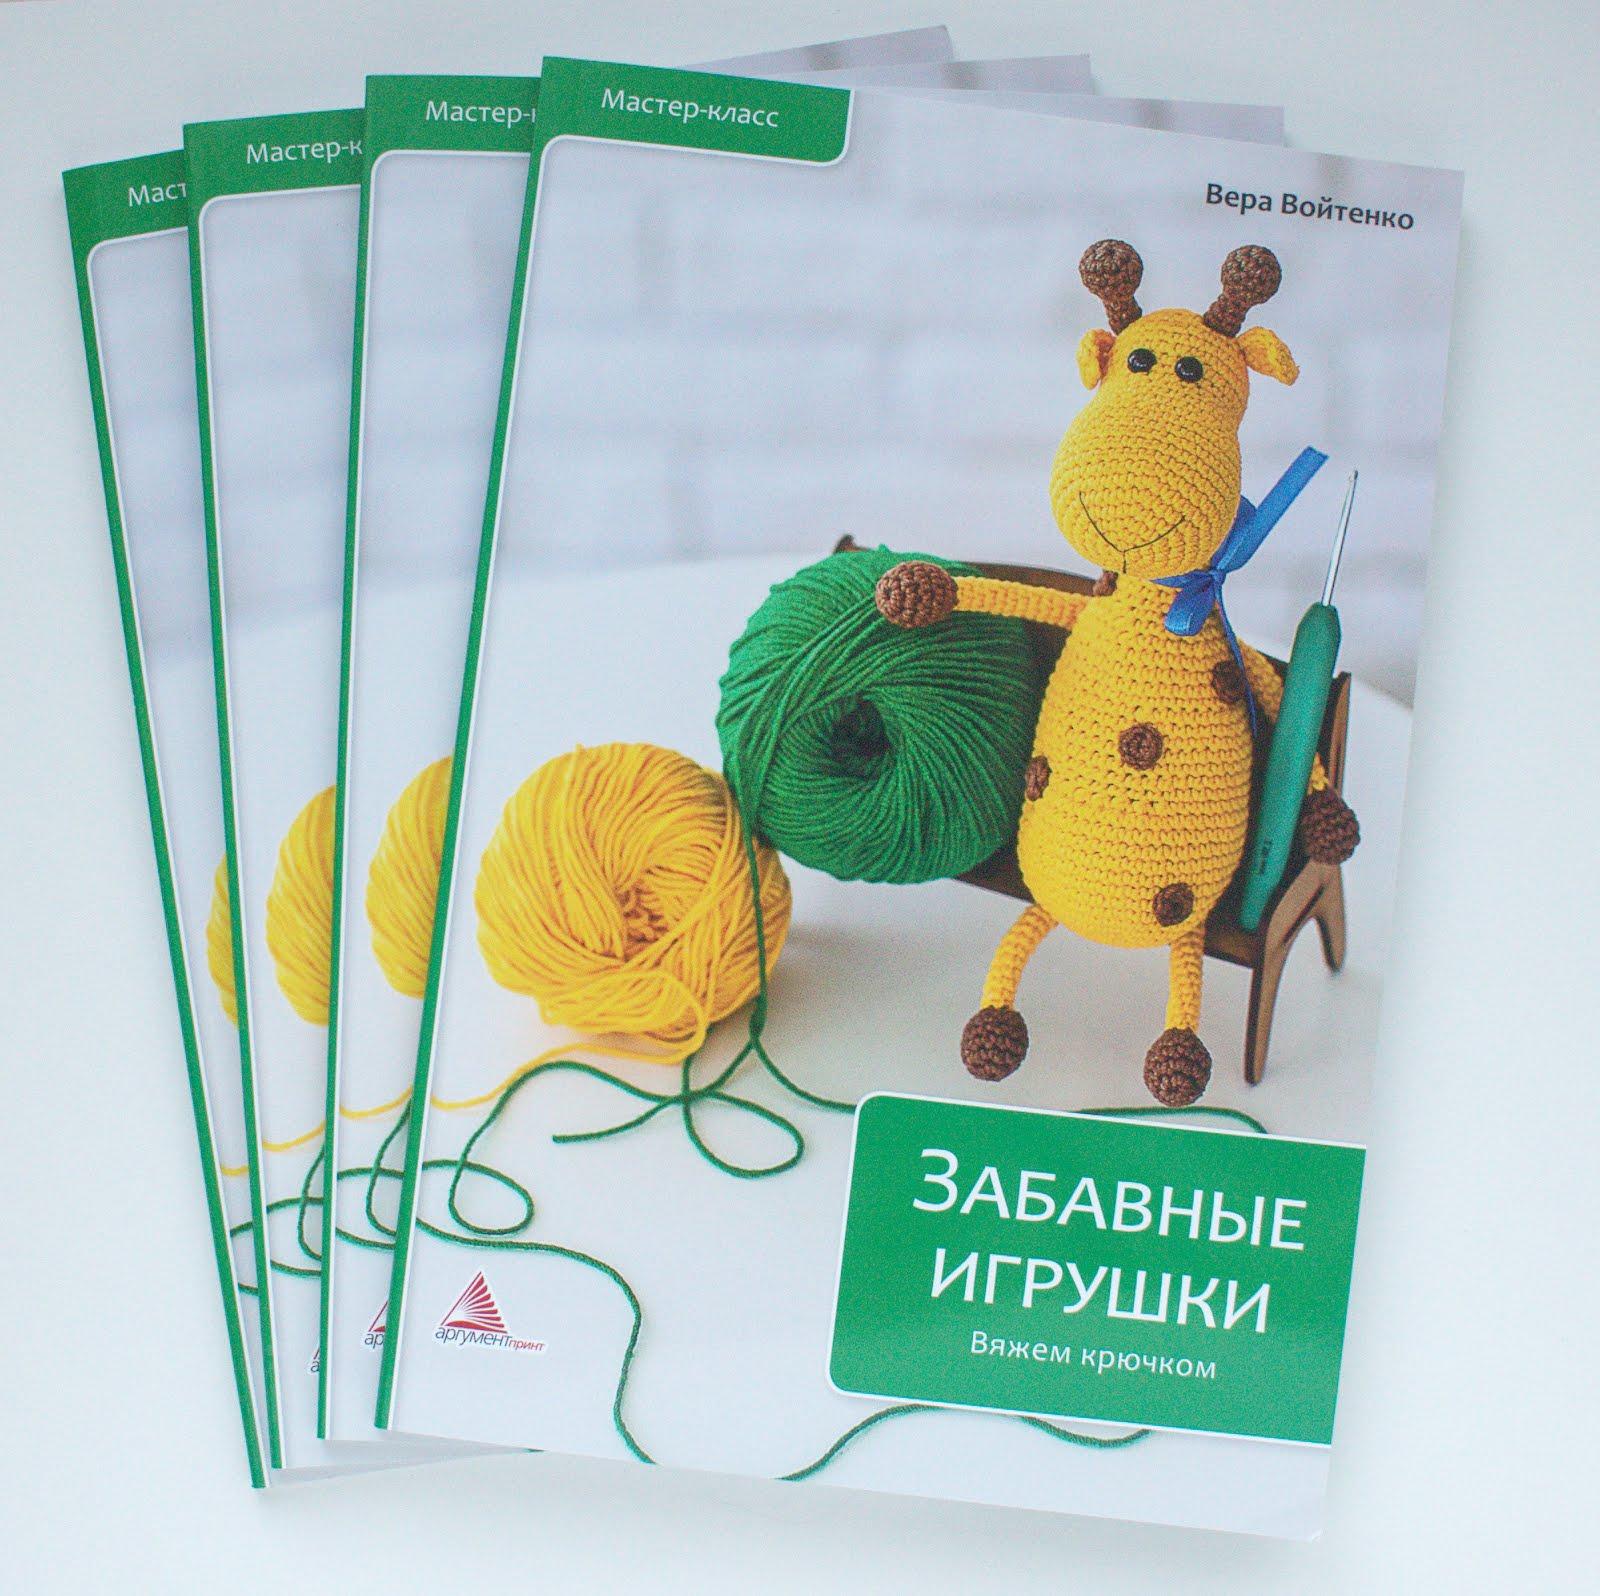 Купить книгу с описаниями вязаных игрушек